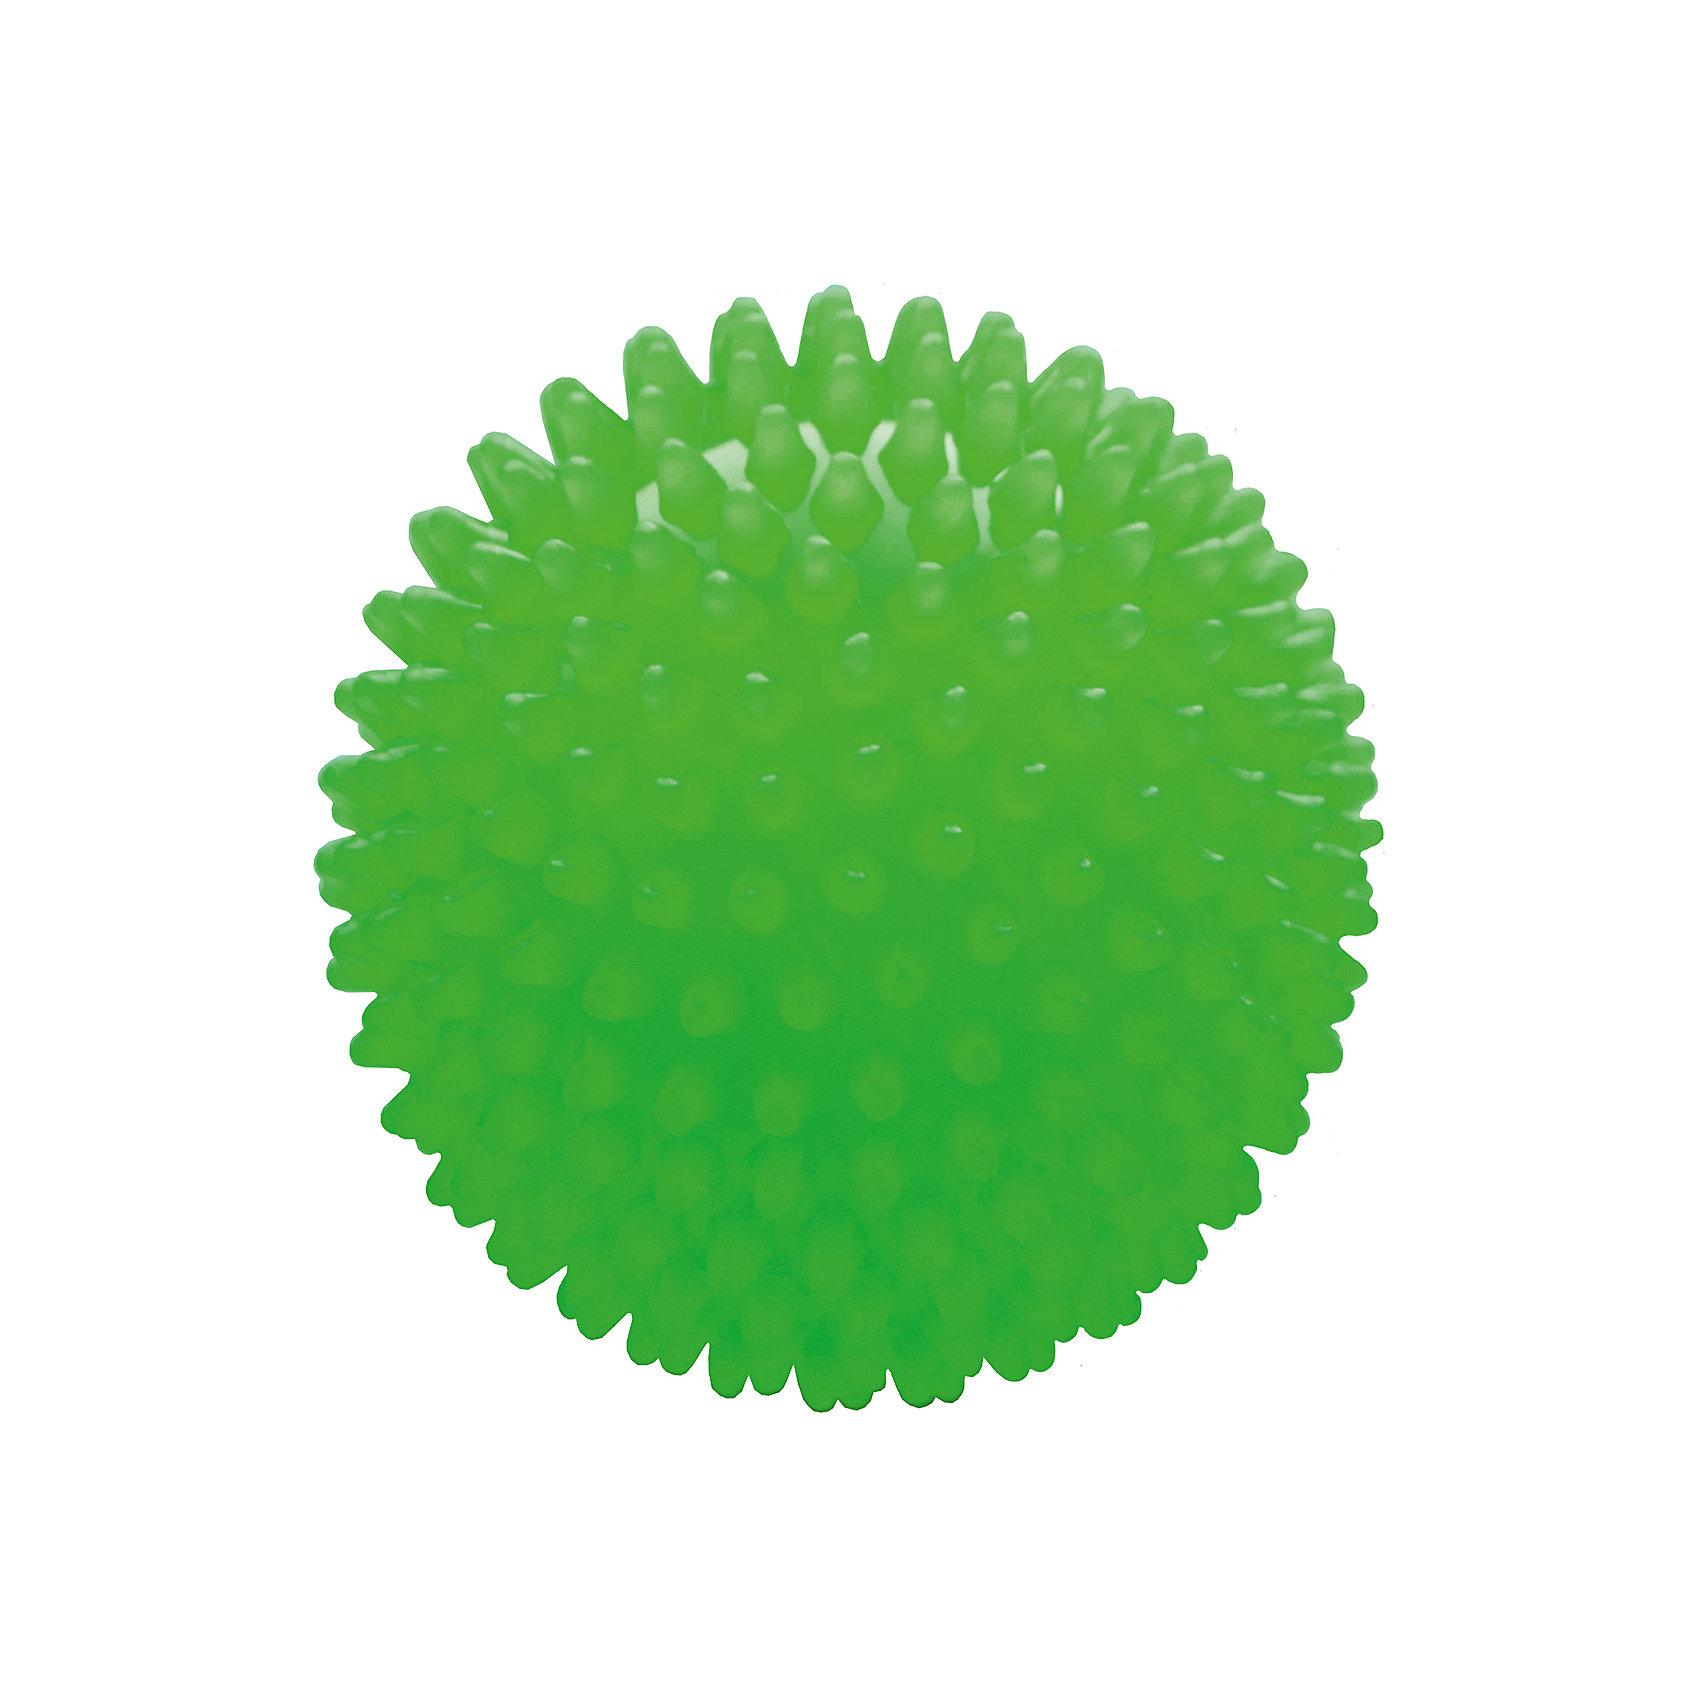 Мяч ёжик зеленый люминесцентный, 18 см, МалышОКМячи детские<br>Характеристики товара:<br><br>• диаметр мяча: 18 см;<br>• материал: ПВХ;<br>• цвет: люминесцентный;<br>• возраст: от 0 месяцев;<br>• размер упаковки: 22,5х18х21 см;<br>• вес: 80 грамм;<br>• страна бренда: Россия.<br><br>Мяч ёжик подходит для игр, массажа и использования в воде. Мягкие шипы мяча массируют кожу малыша, улучшая кровоток, что способствует уменьшению венозного застоя, развитию мускулатуры, центральной и периферической нервной системы.<br><br>Игра с мячом поможет развить моторику рук, тактильные ощущения, координацию, а также цветовое восприятие.<br><br>Мяч изготовлен из гипоаллергенного материала.<br><br>Мяч ёжик люминесцентный, 18 см, МалышОК можно купить в нашем интернет-магазине.<br><br>Ширина мм: 210<br>Глубина мм: 180<br>Высота мм: 225<br>Вес г: 80<br>Возраст от месяцев: 6<br>Возраст до месяцев: 2147483647<br>Пол: Унисекс<br>Возраст: Детский<br>SKU: 6894030